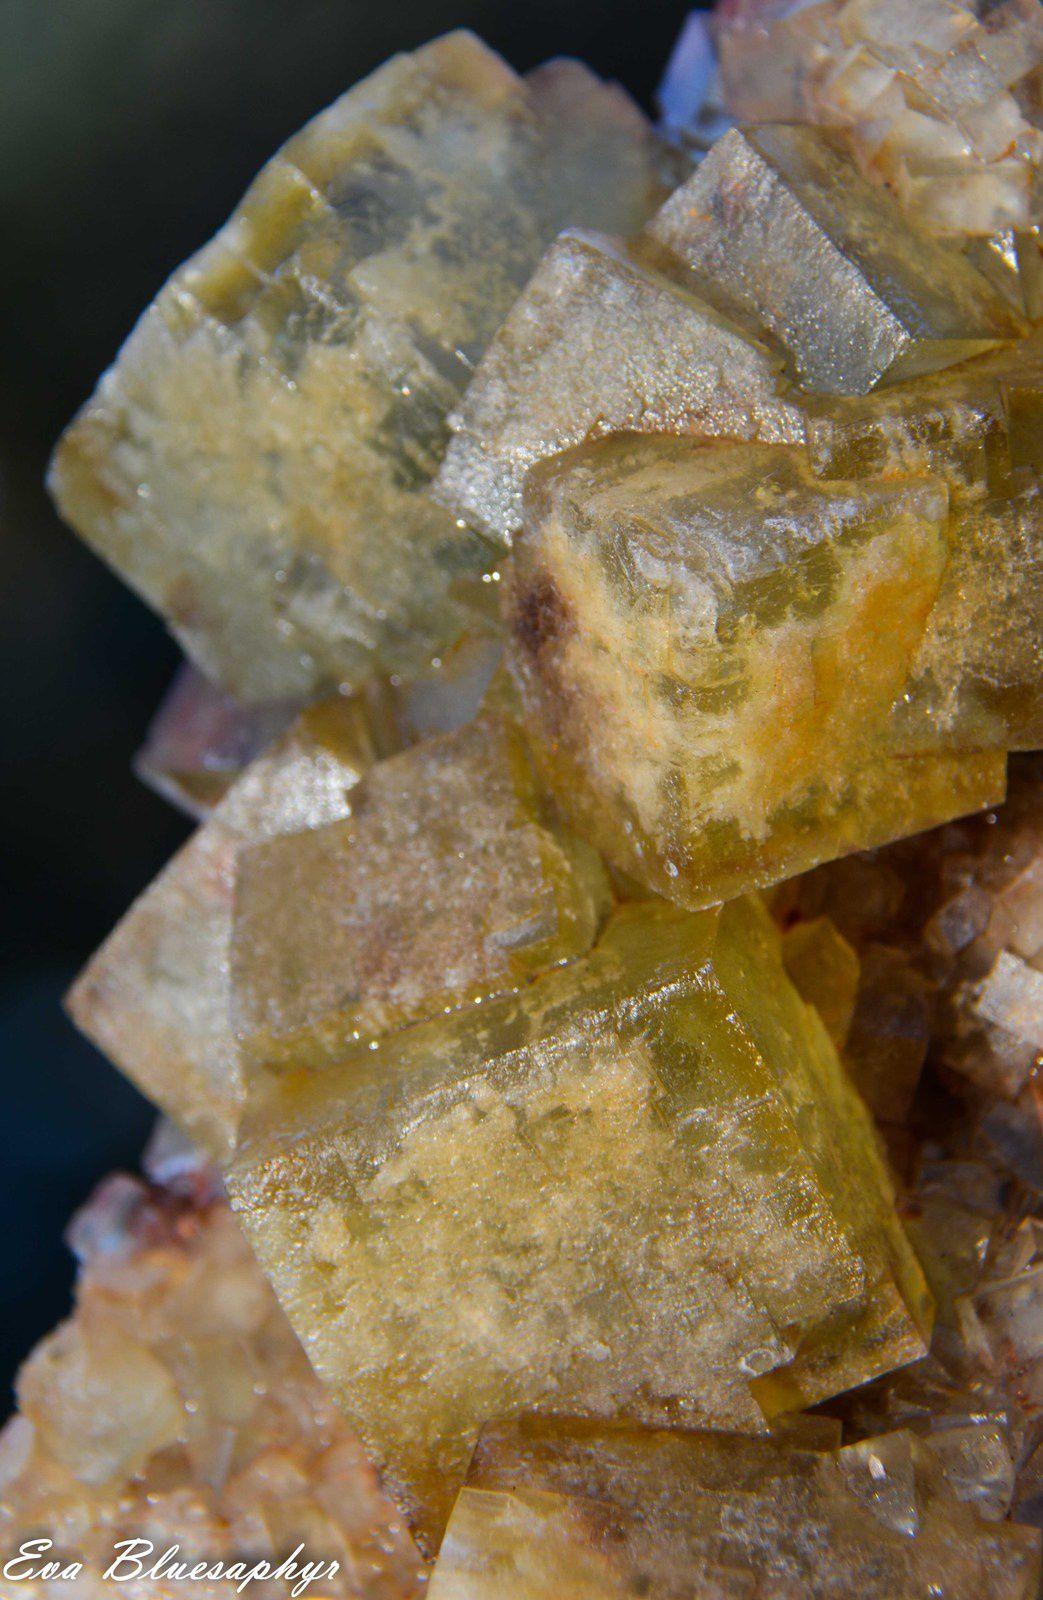 Fluorite (Fluorine) from El Hammam, Morocco (Maroc) (size: Museum XL)